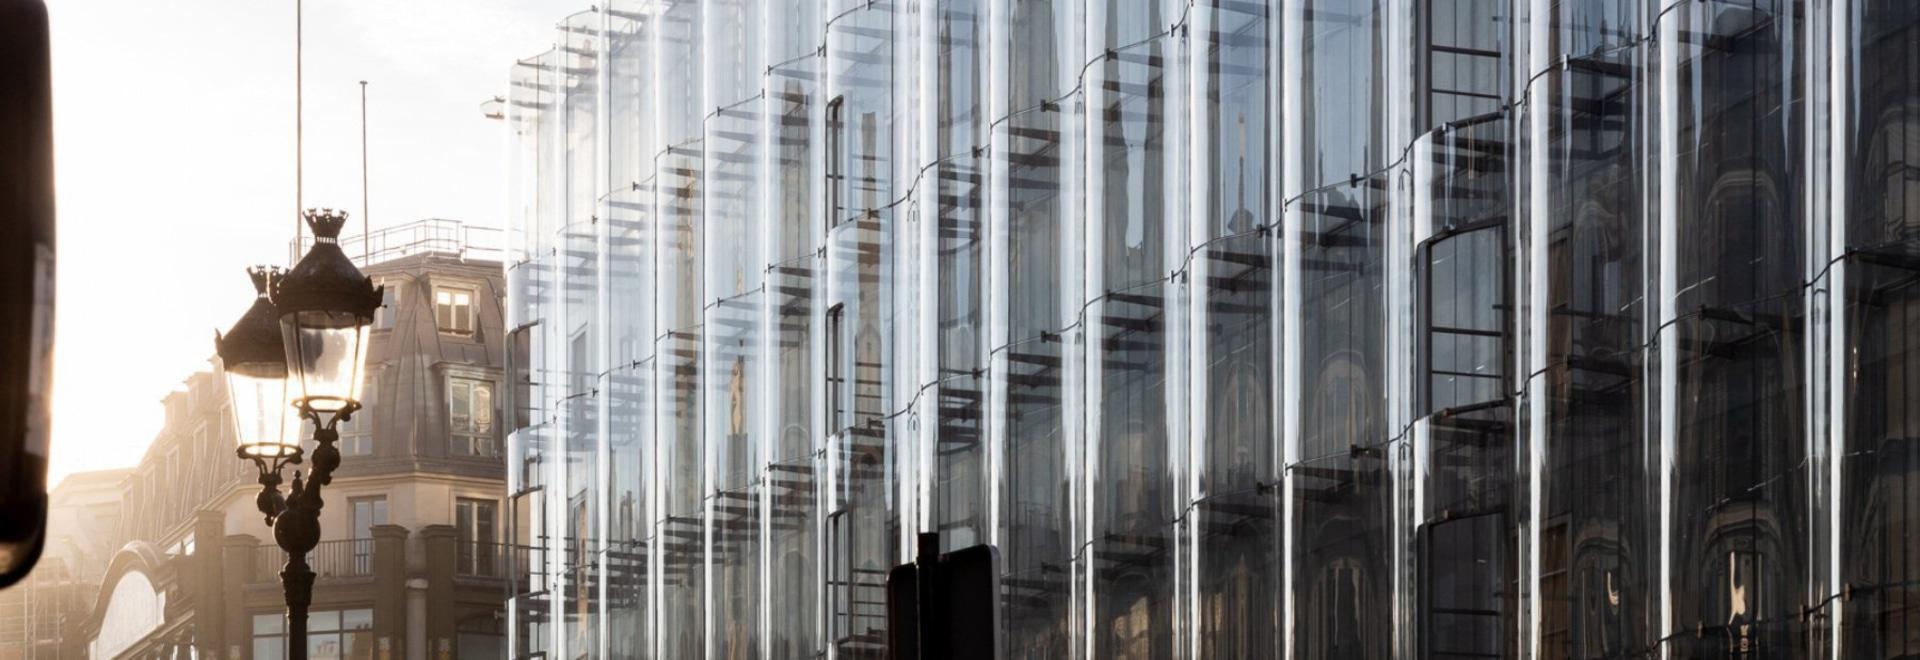 """Ripristino di samaritaine della La dei reggilibri di vetro d'increspatura della facciata di SANAA"""" a Parigi"""